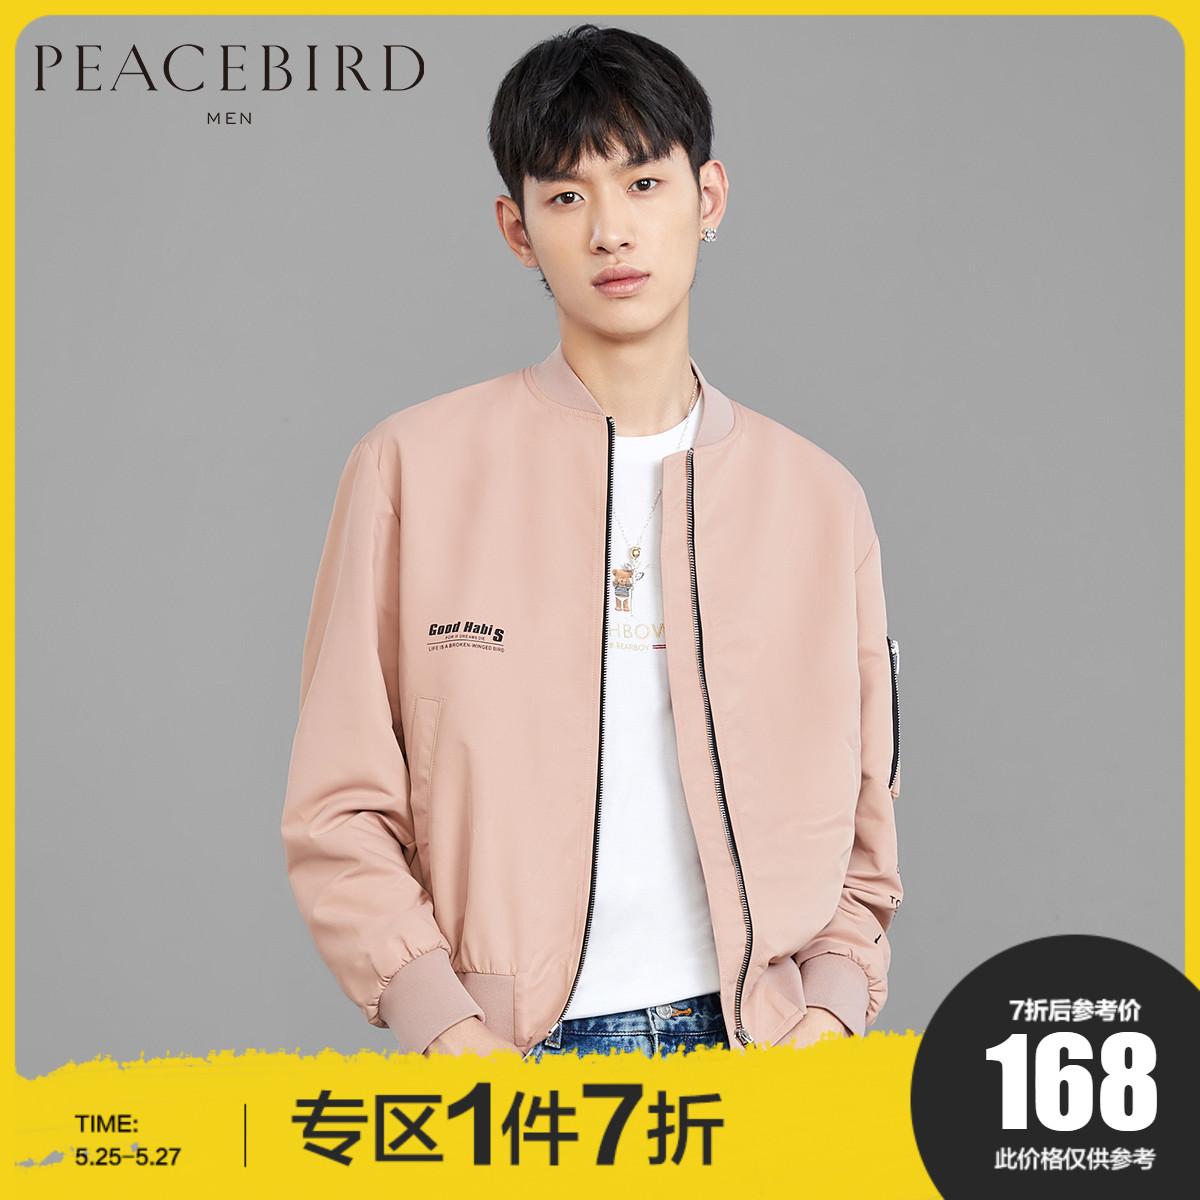 太平鸟男装秋冬2019新款粉色夹克棒球领休闲时尚外套男士潮流上衣图片